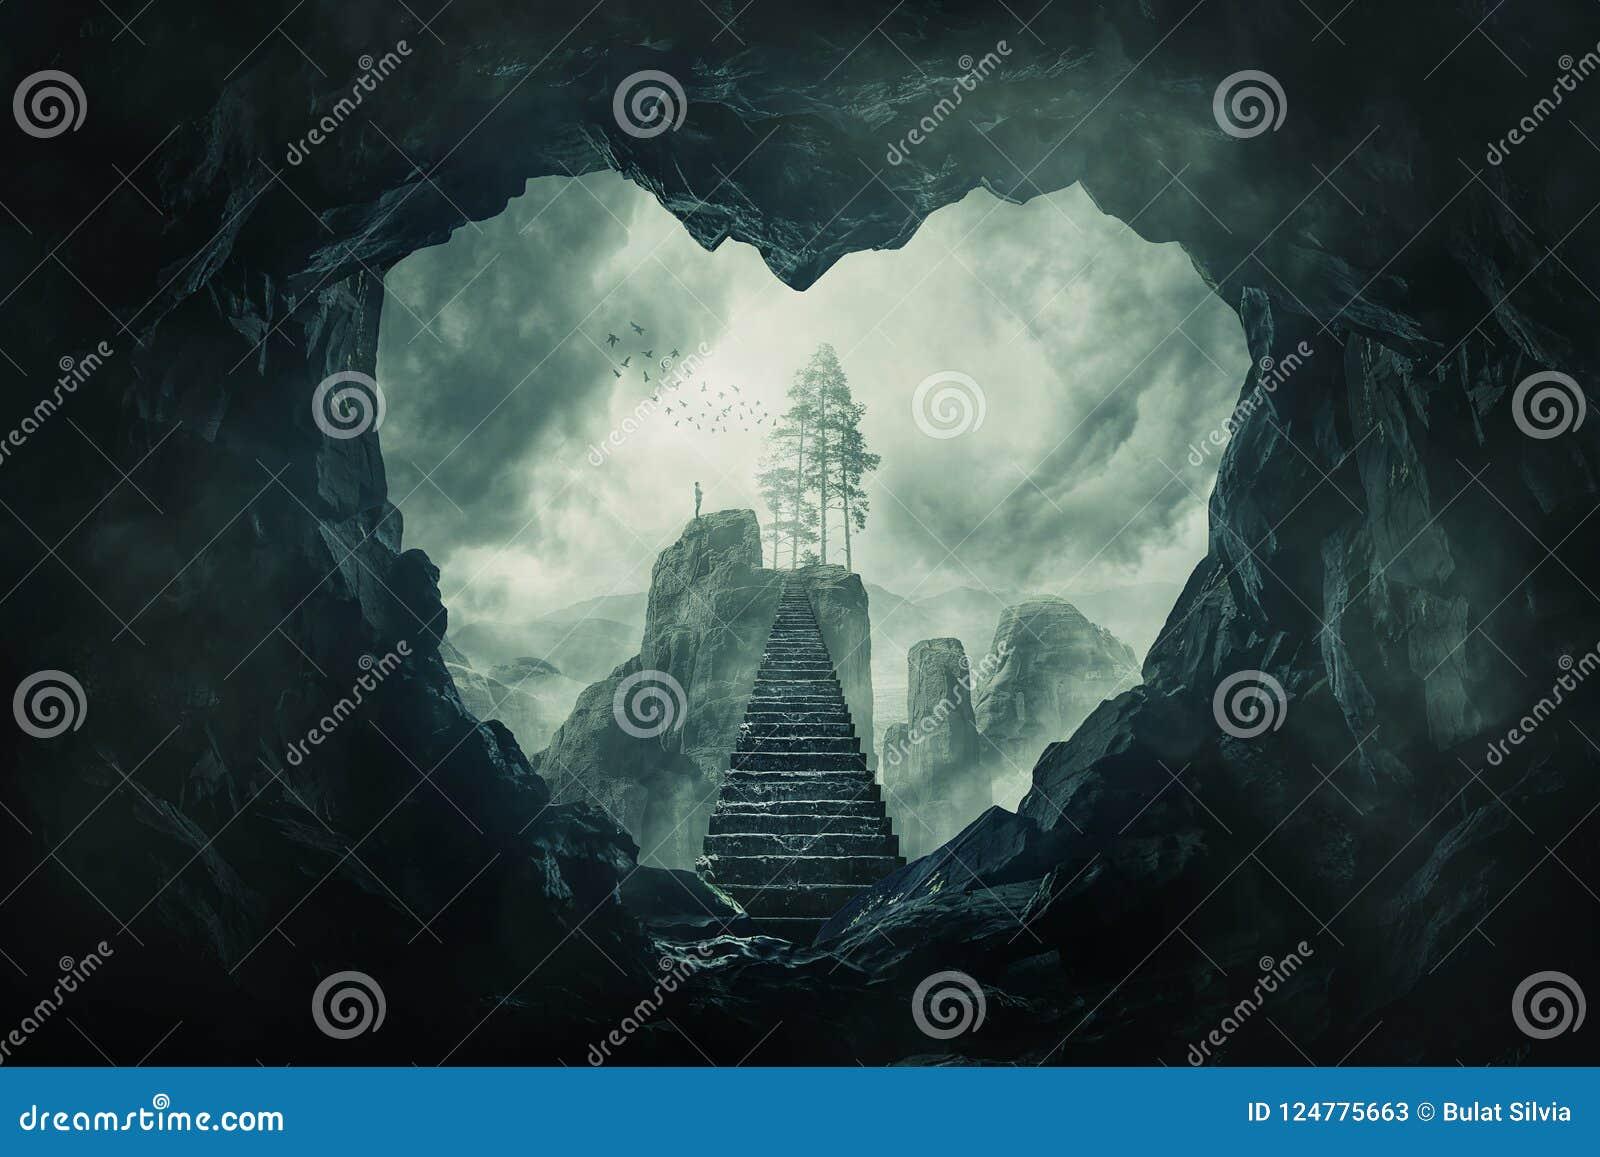 Die Höhle Ihres Herzens